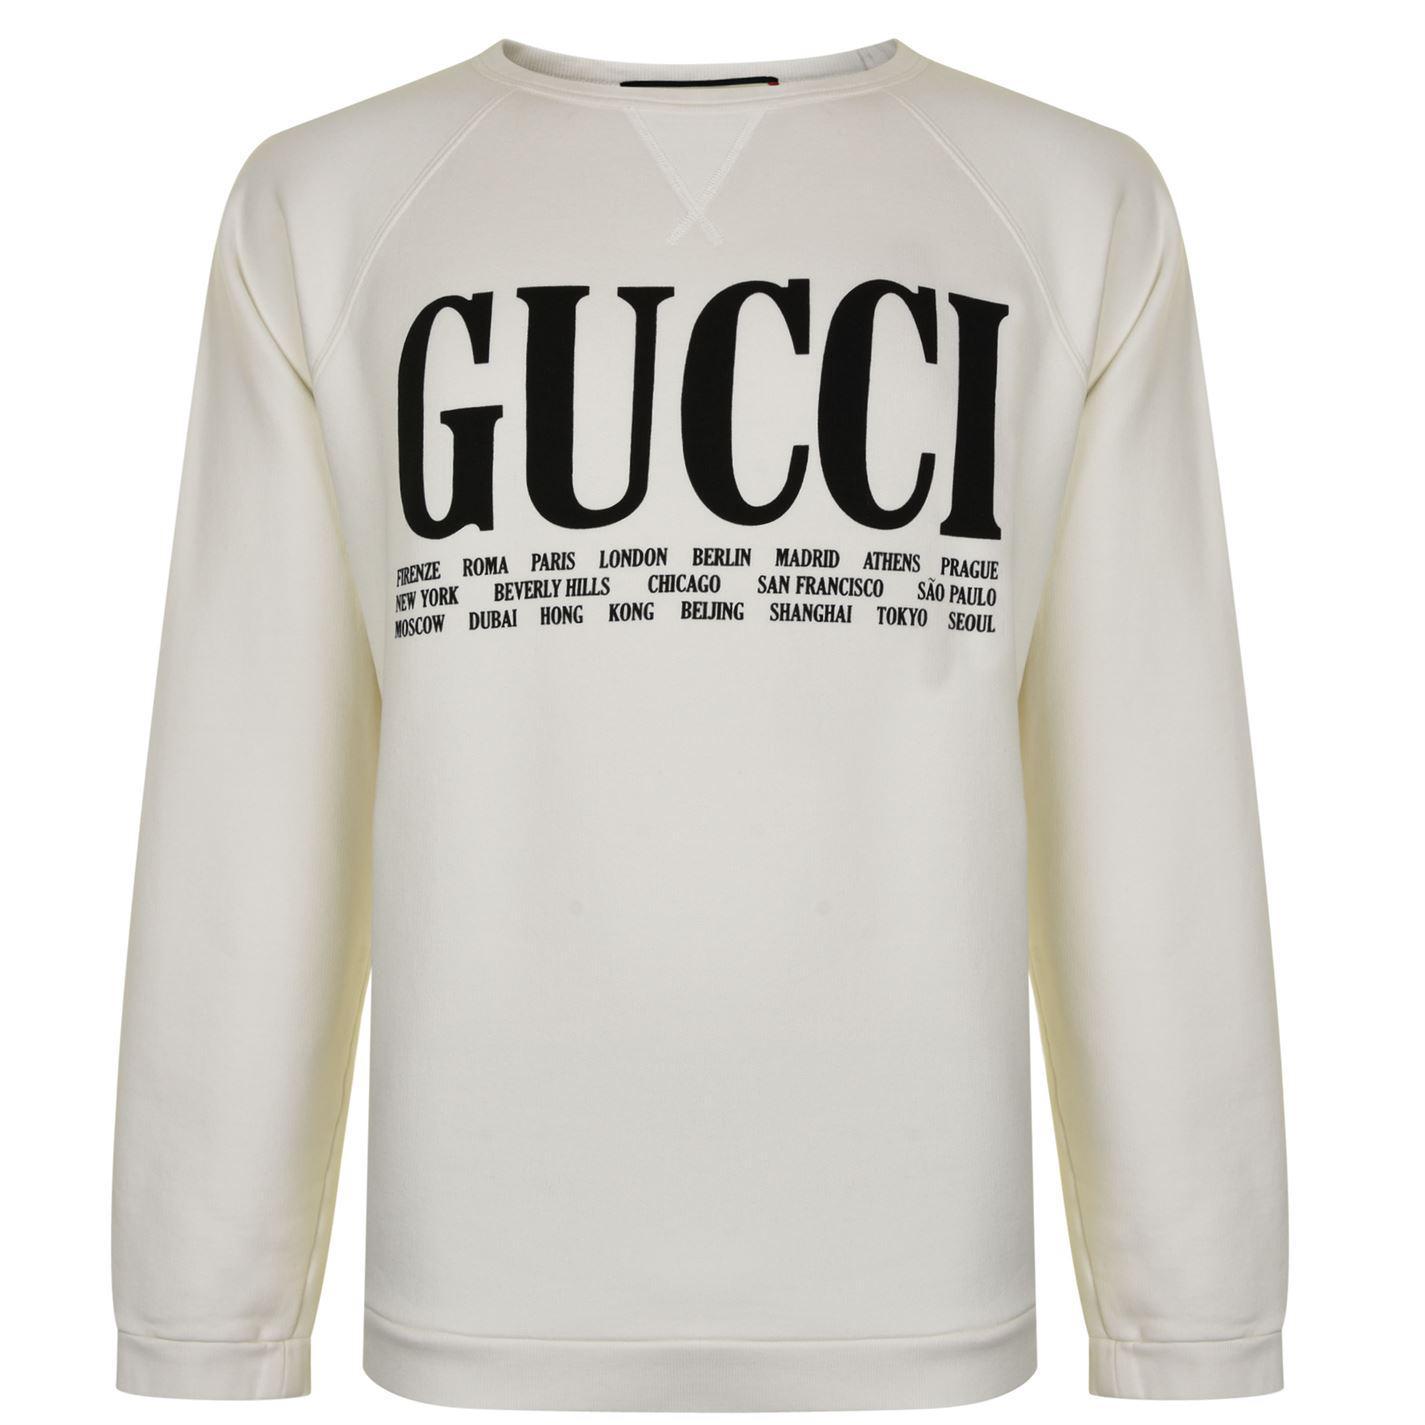 389c125da9a Gucci - Multicolor Cita Crew Sweatshirt for Men - Lyst. View fullscreen